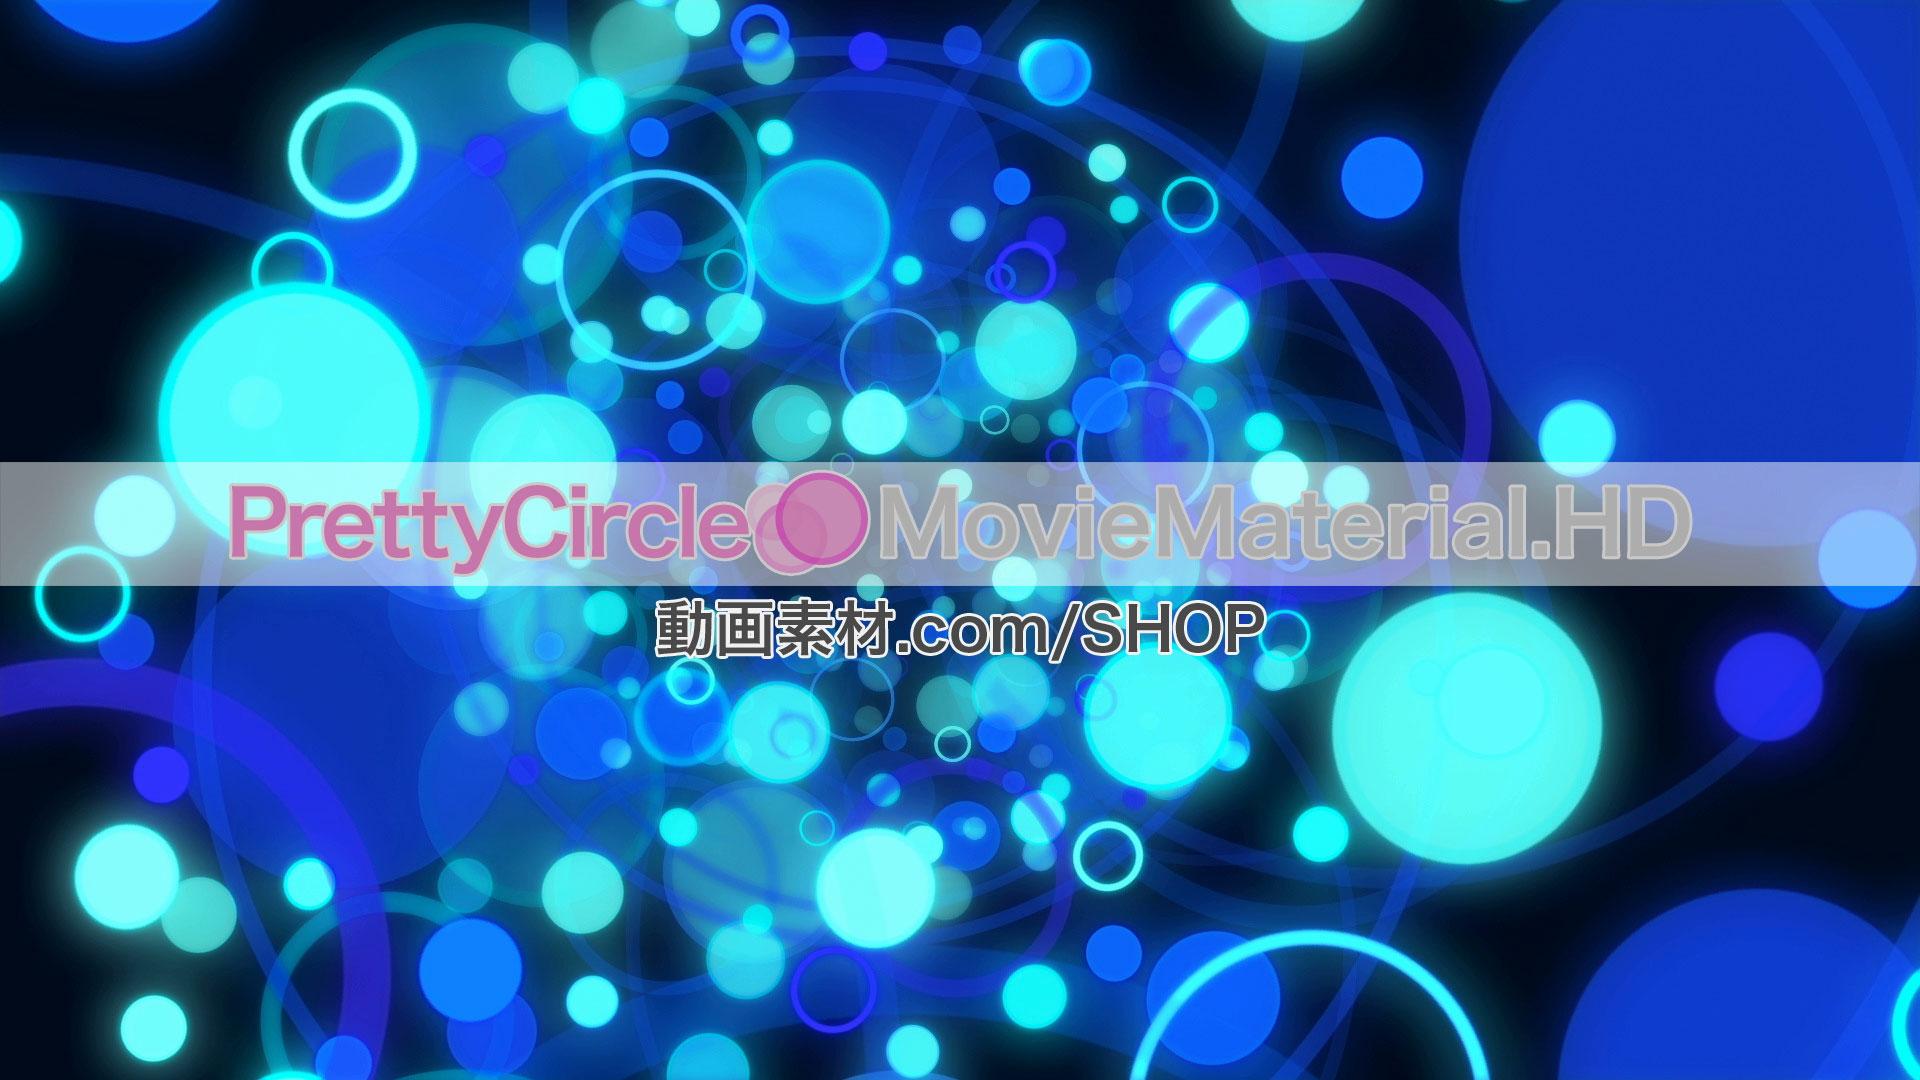 PrettyCircle MovieMaterial.HD 丸や玉をモチーフにしたフルハイビジョンCG動画素材集 ロイヤリティフリーimage7